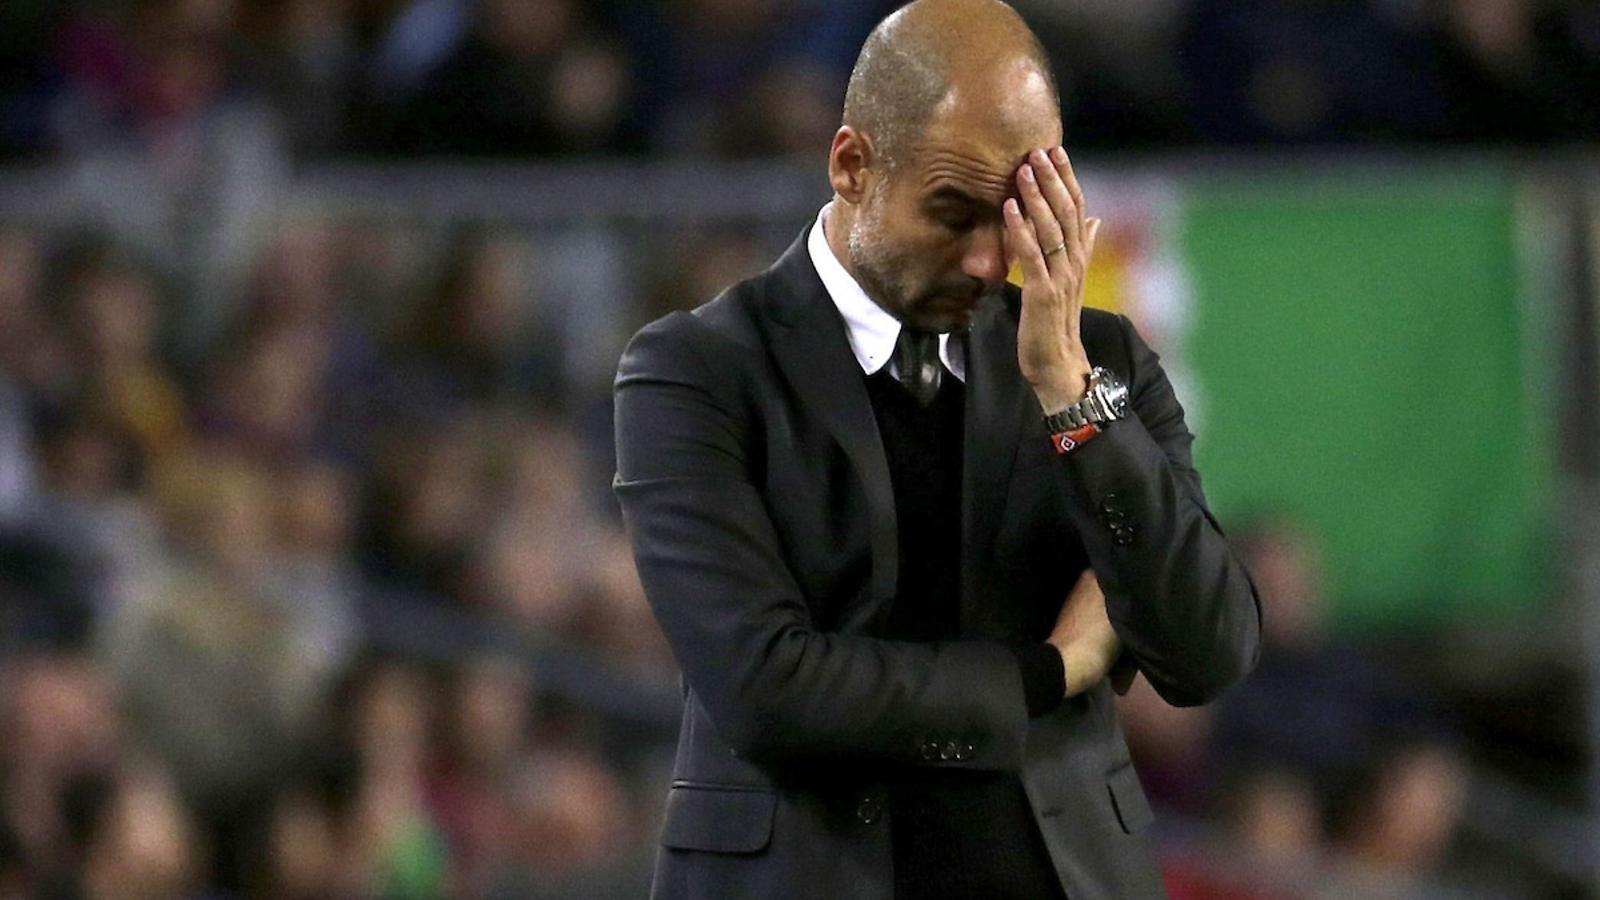 Pep Guardiola, decebut pel 4-0 del Barça contra el City